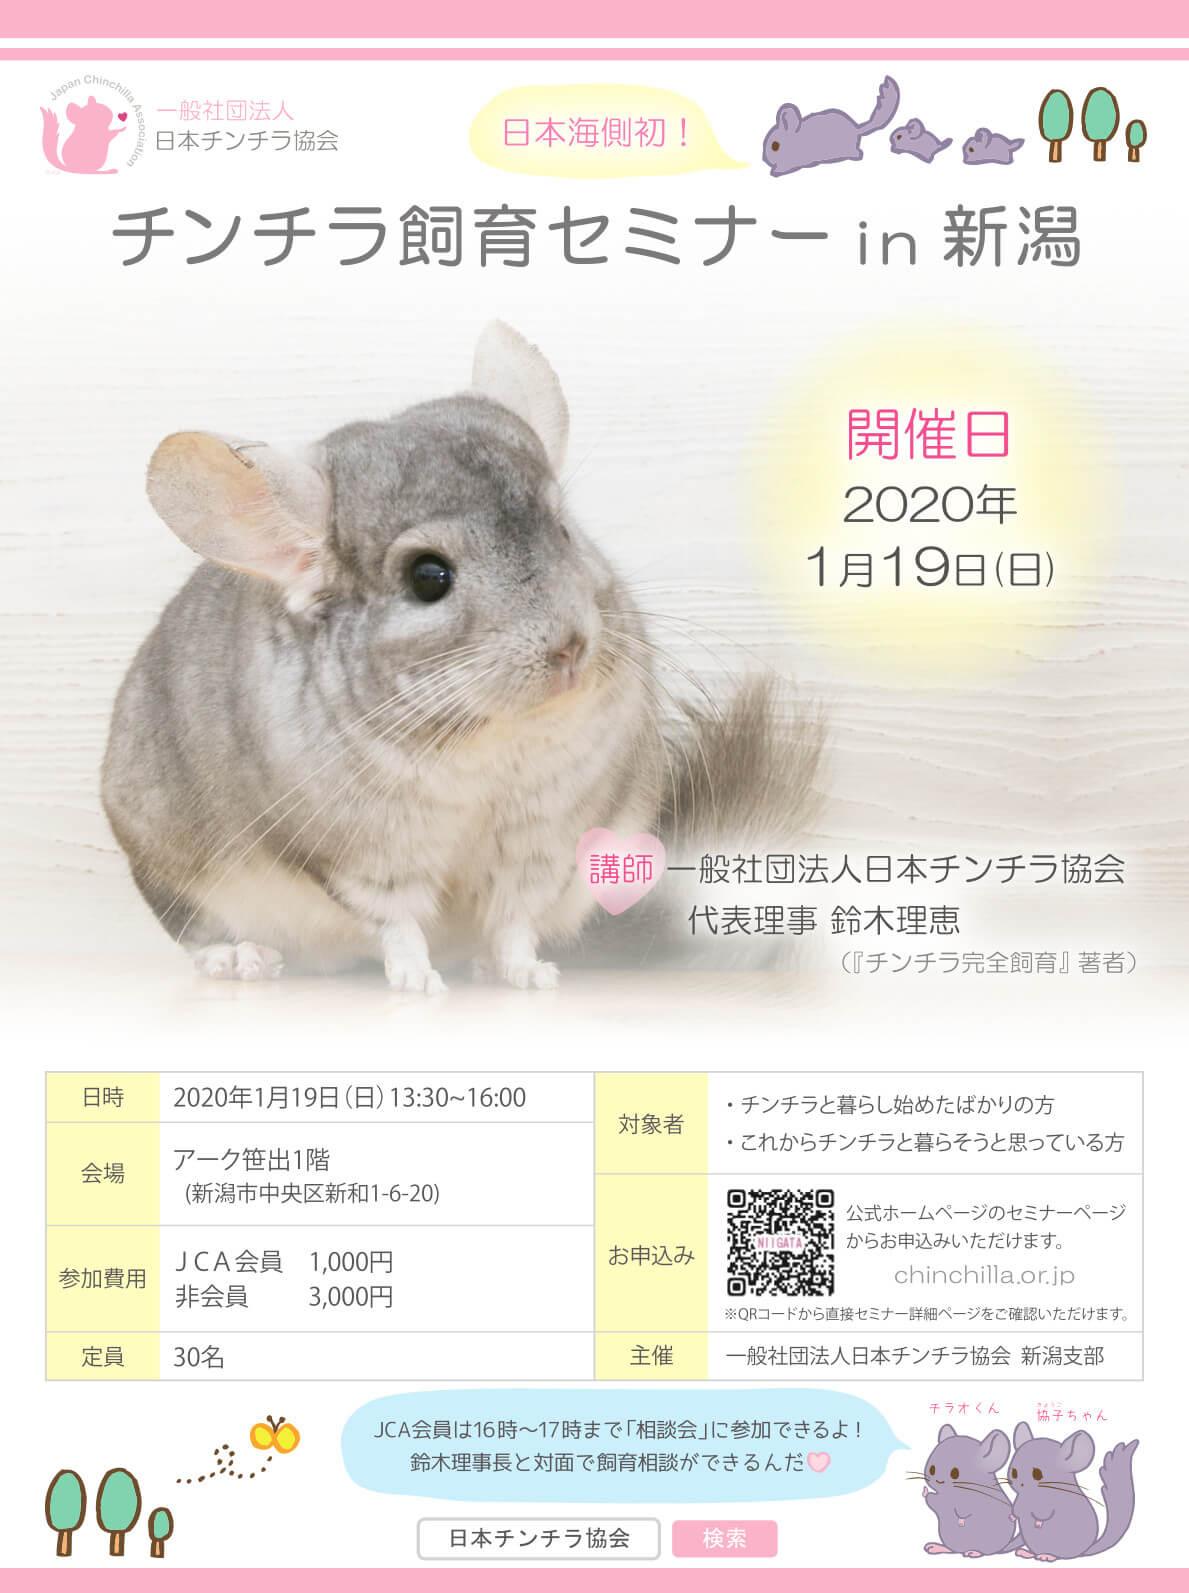 チンチラ飼育セミナー in 新潟